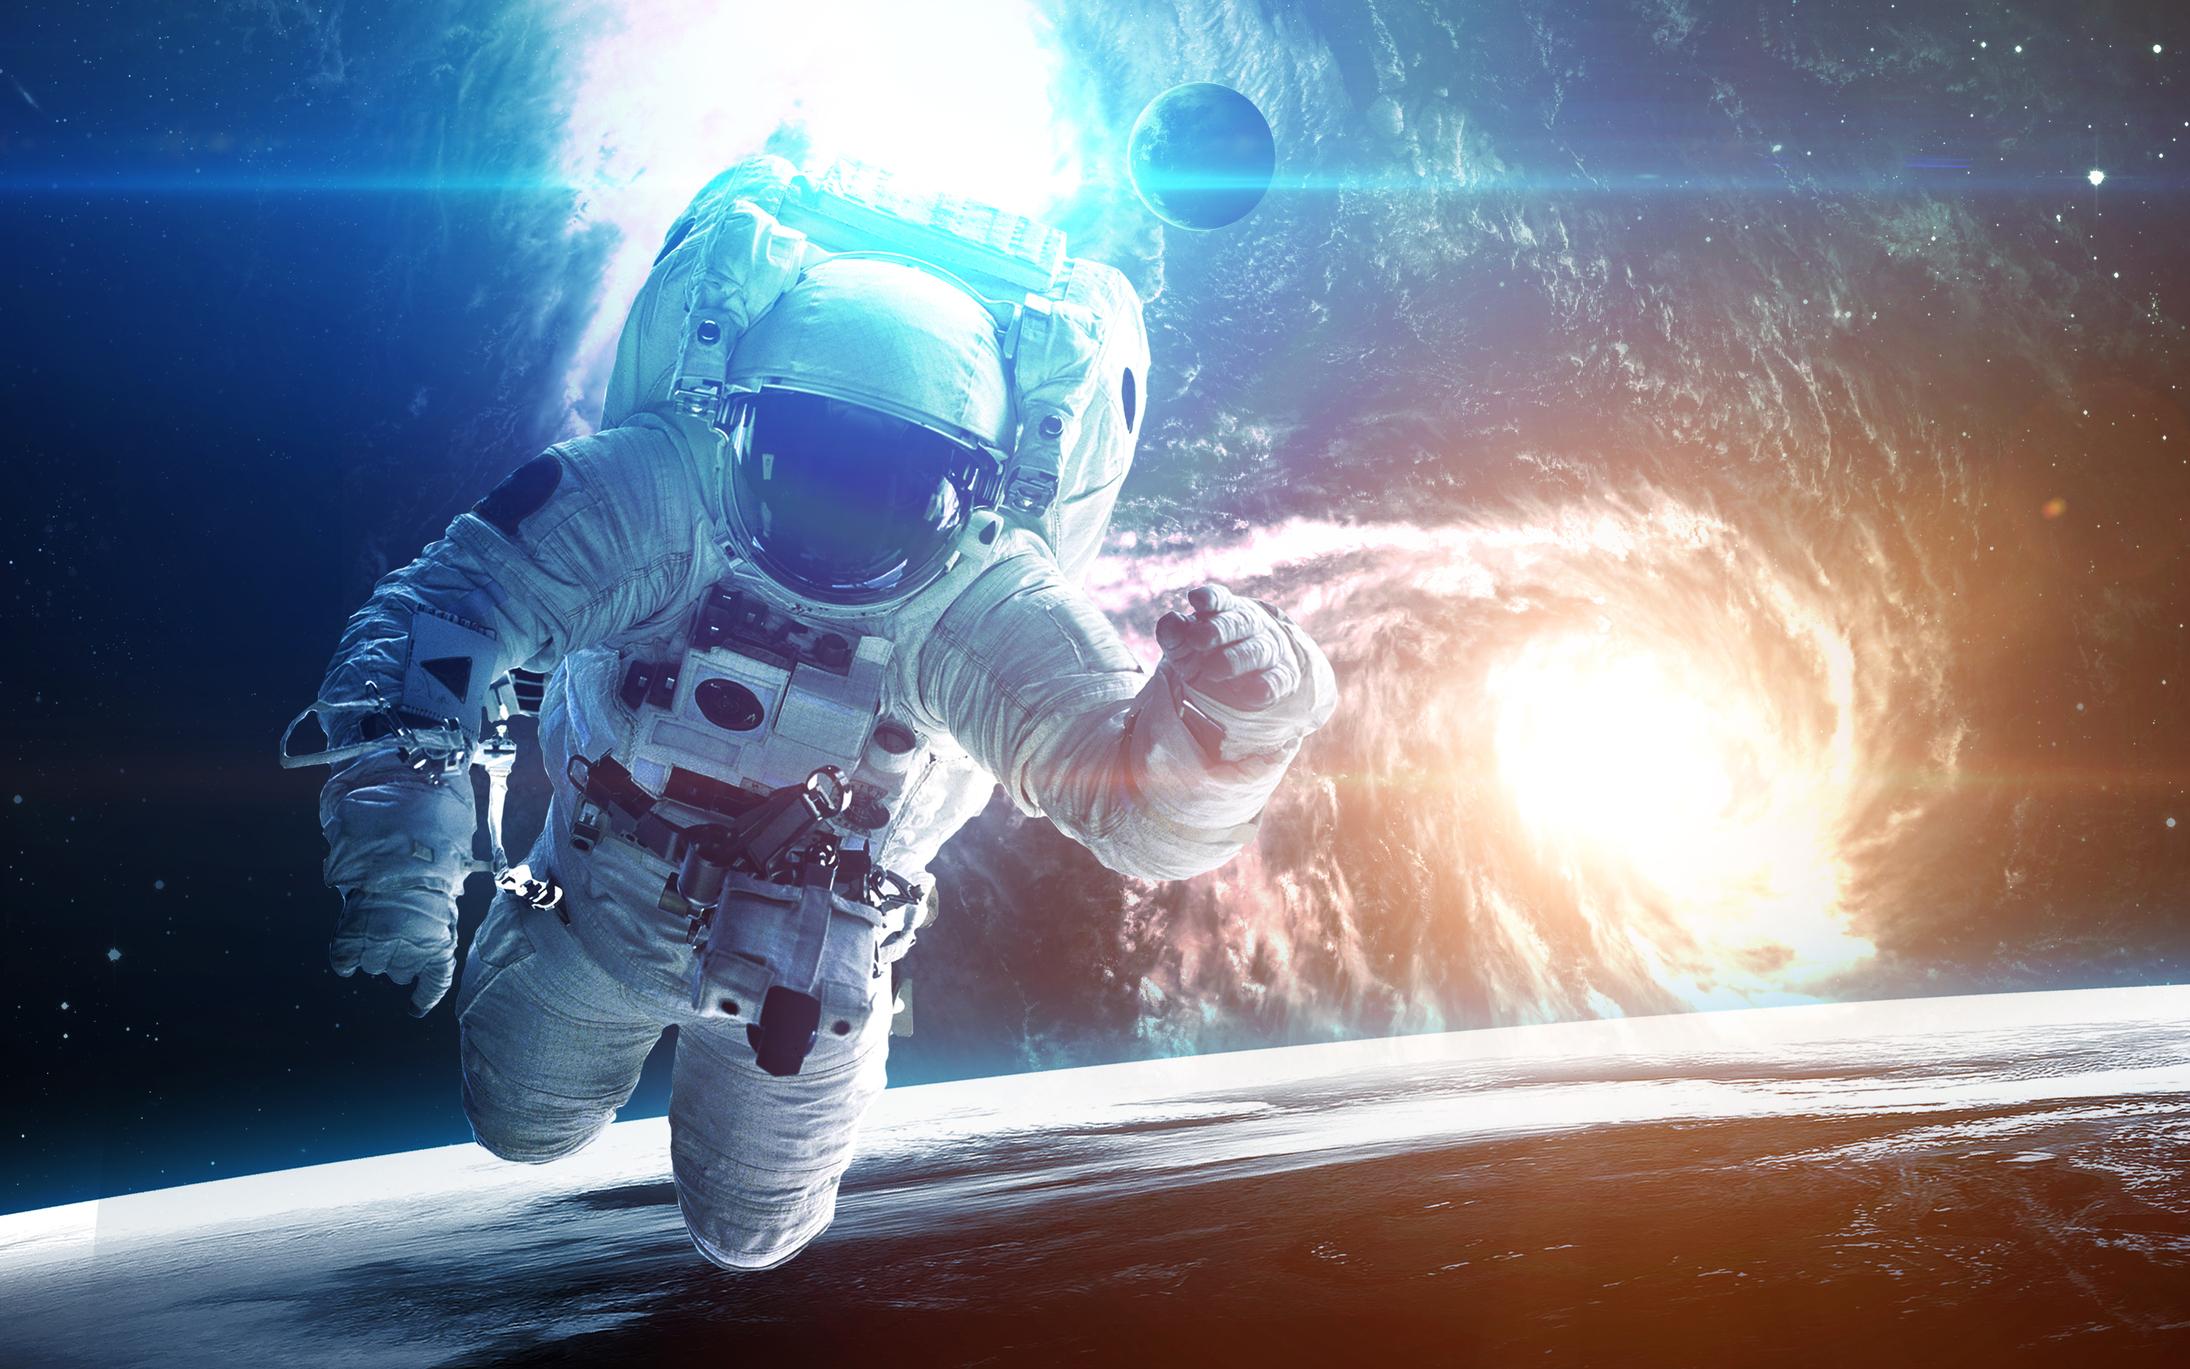 Como funcionam as roupas dos astronautas? | Super